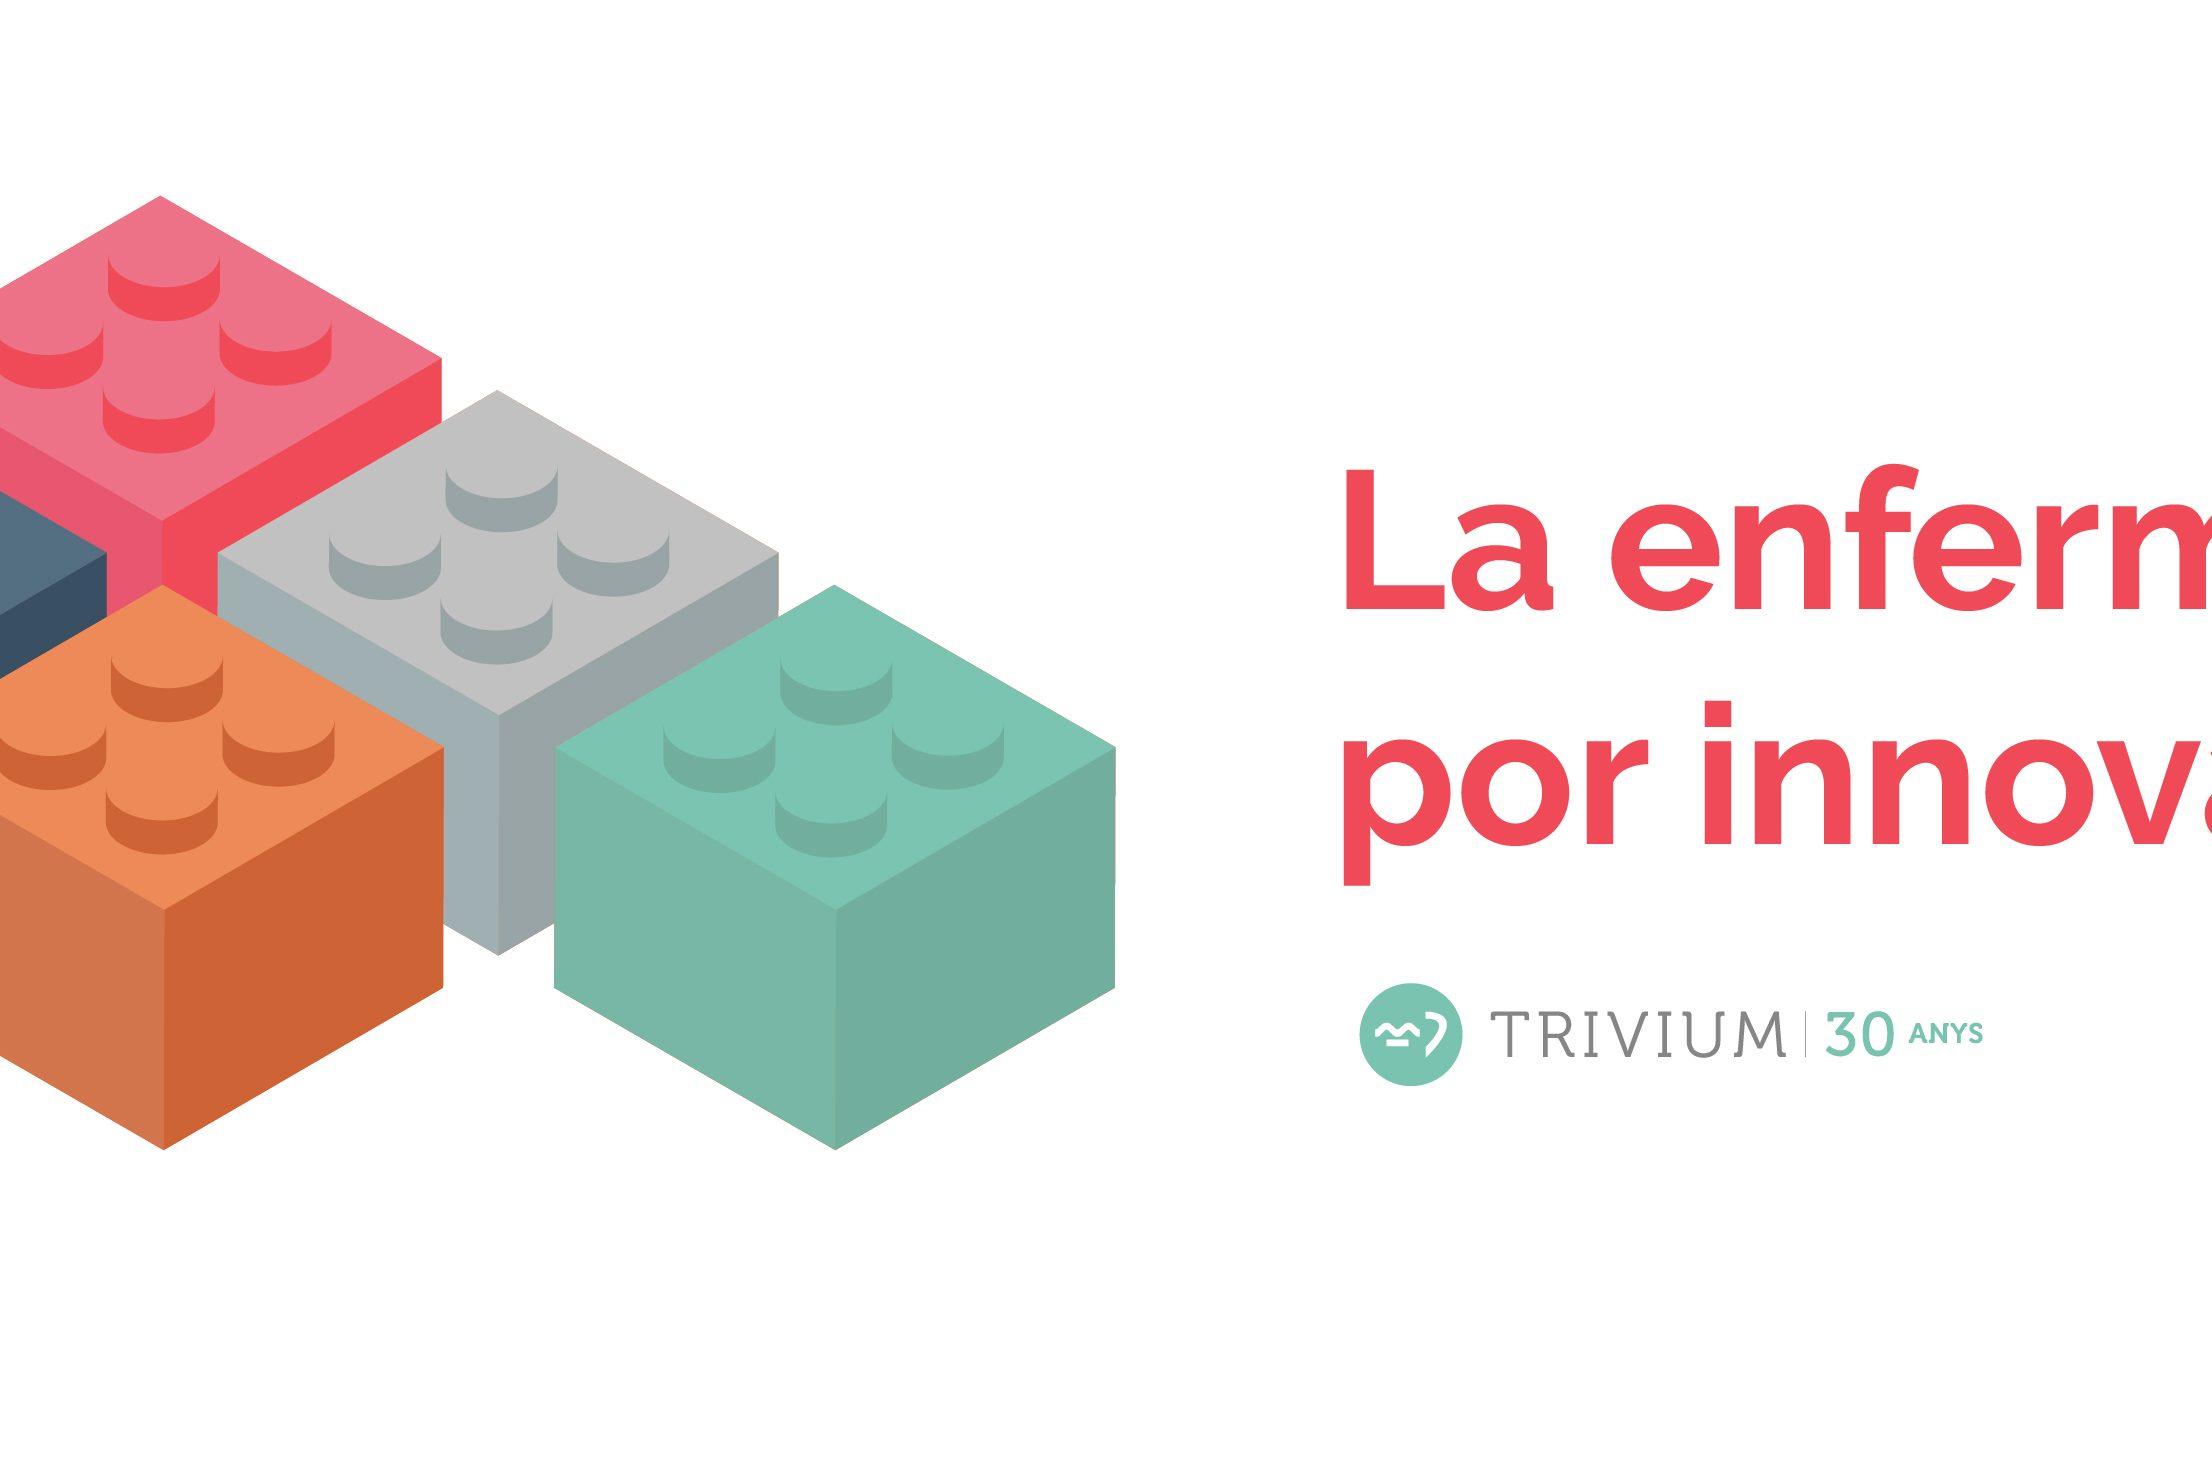 La enfermedad por innovar Antonio Clemente Logopeda